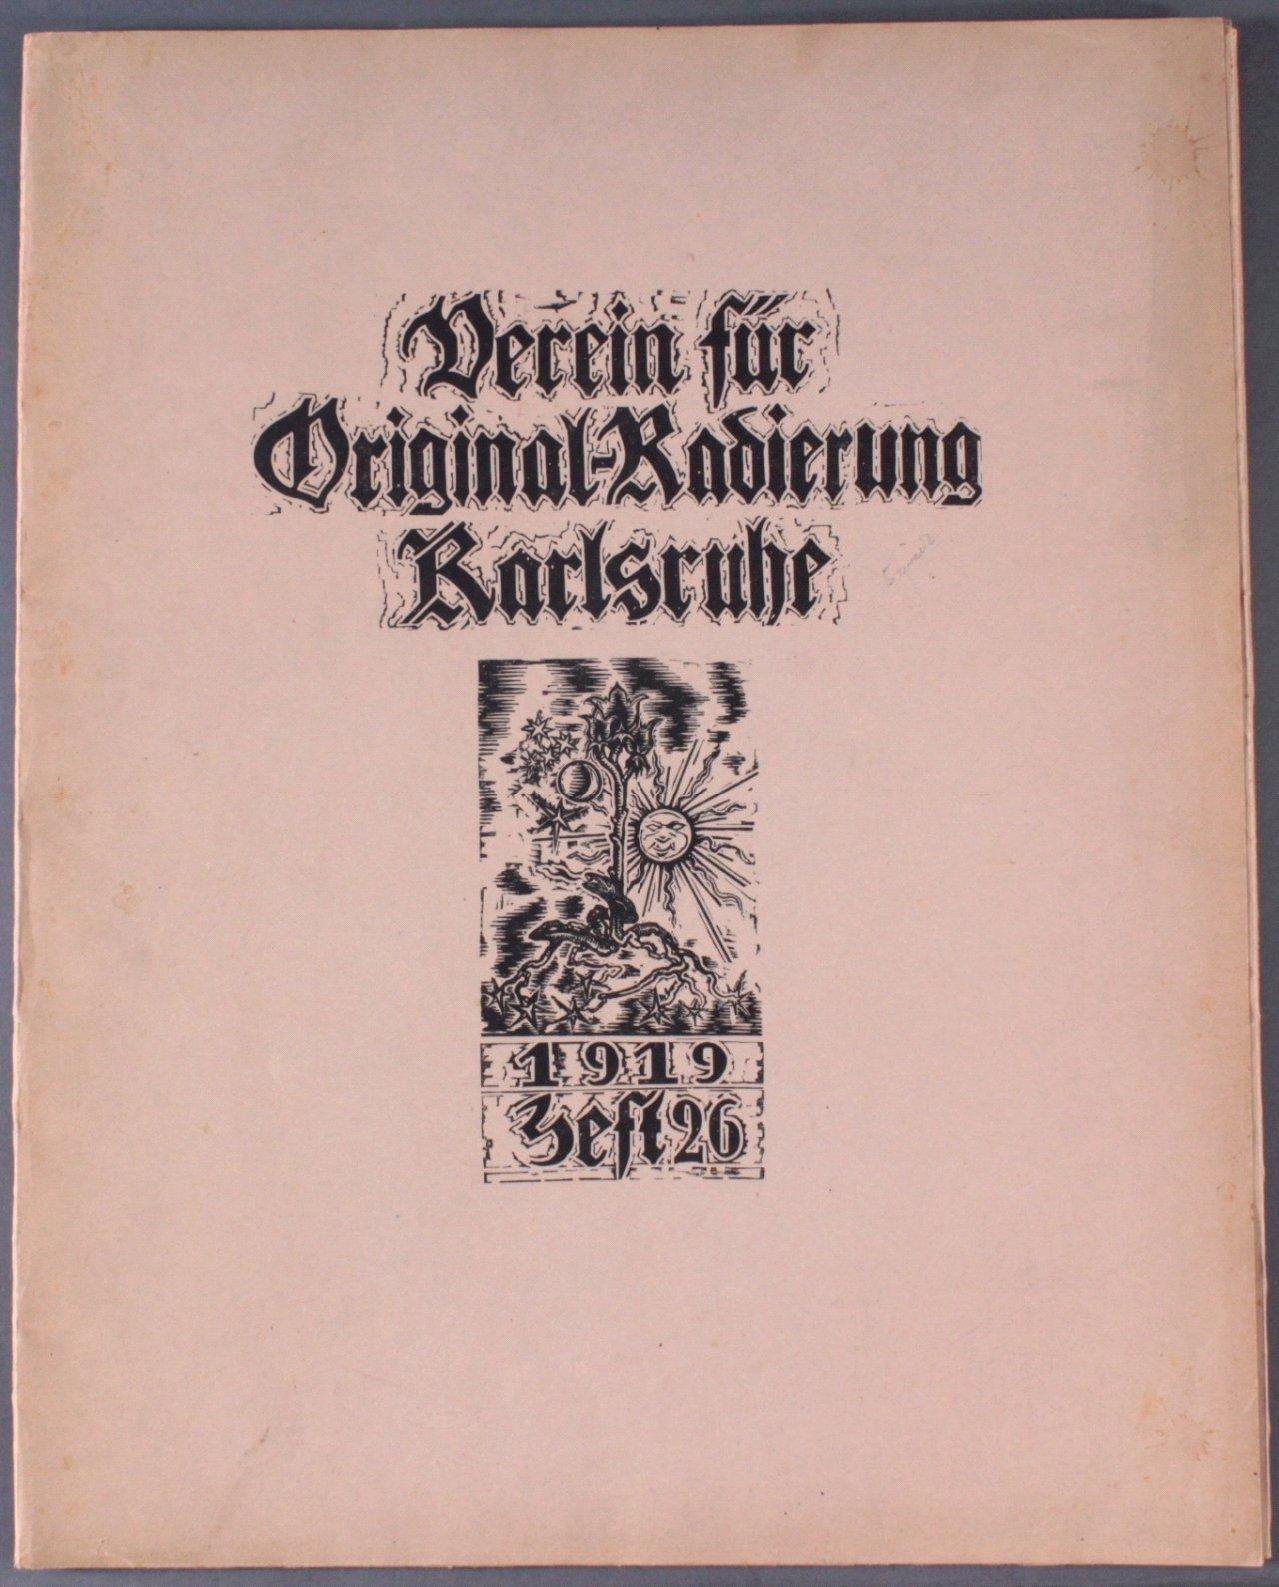 Verein für Original-Radierung Karlsruhe. Heft 26, 1919